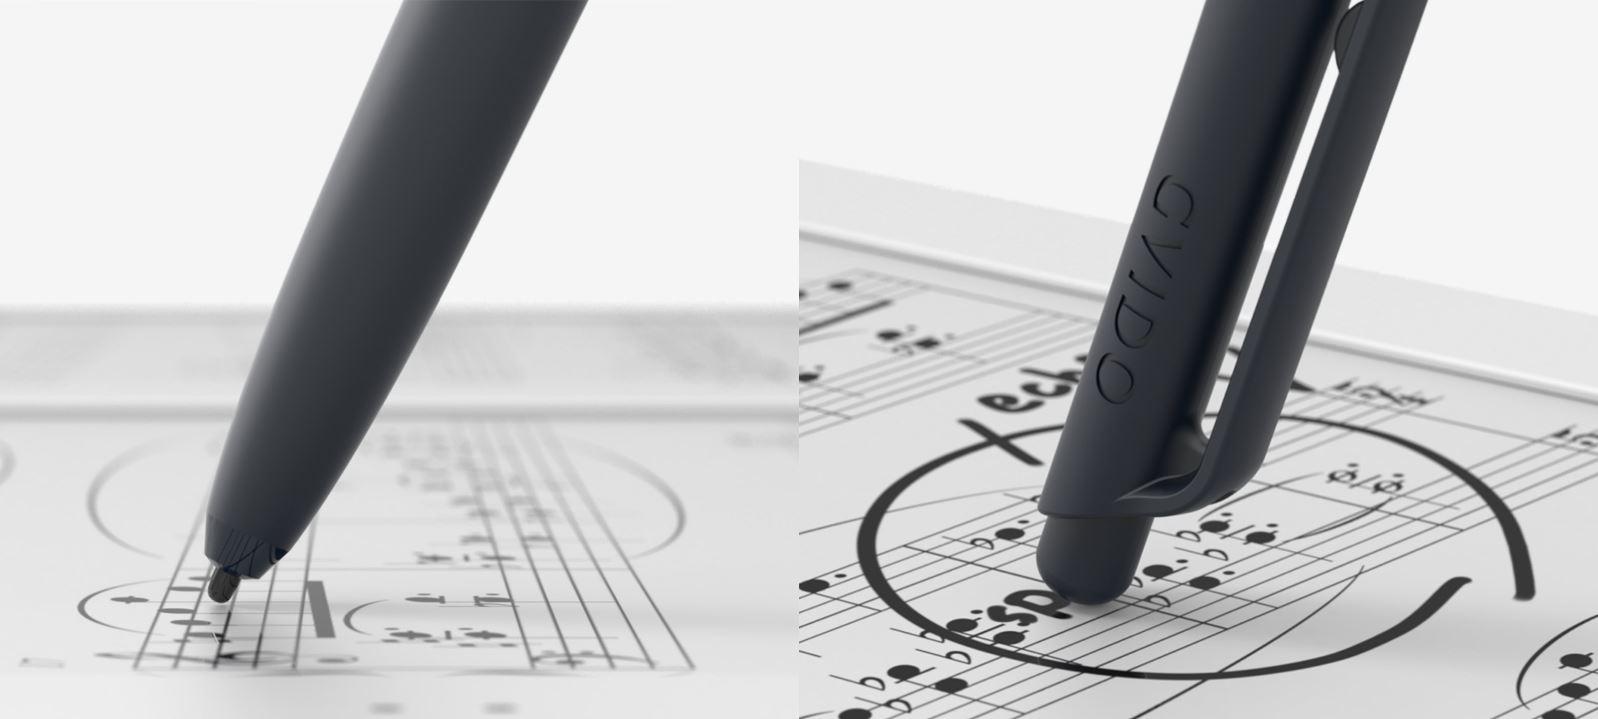 GVIDO stylus pen